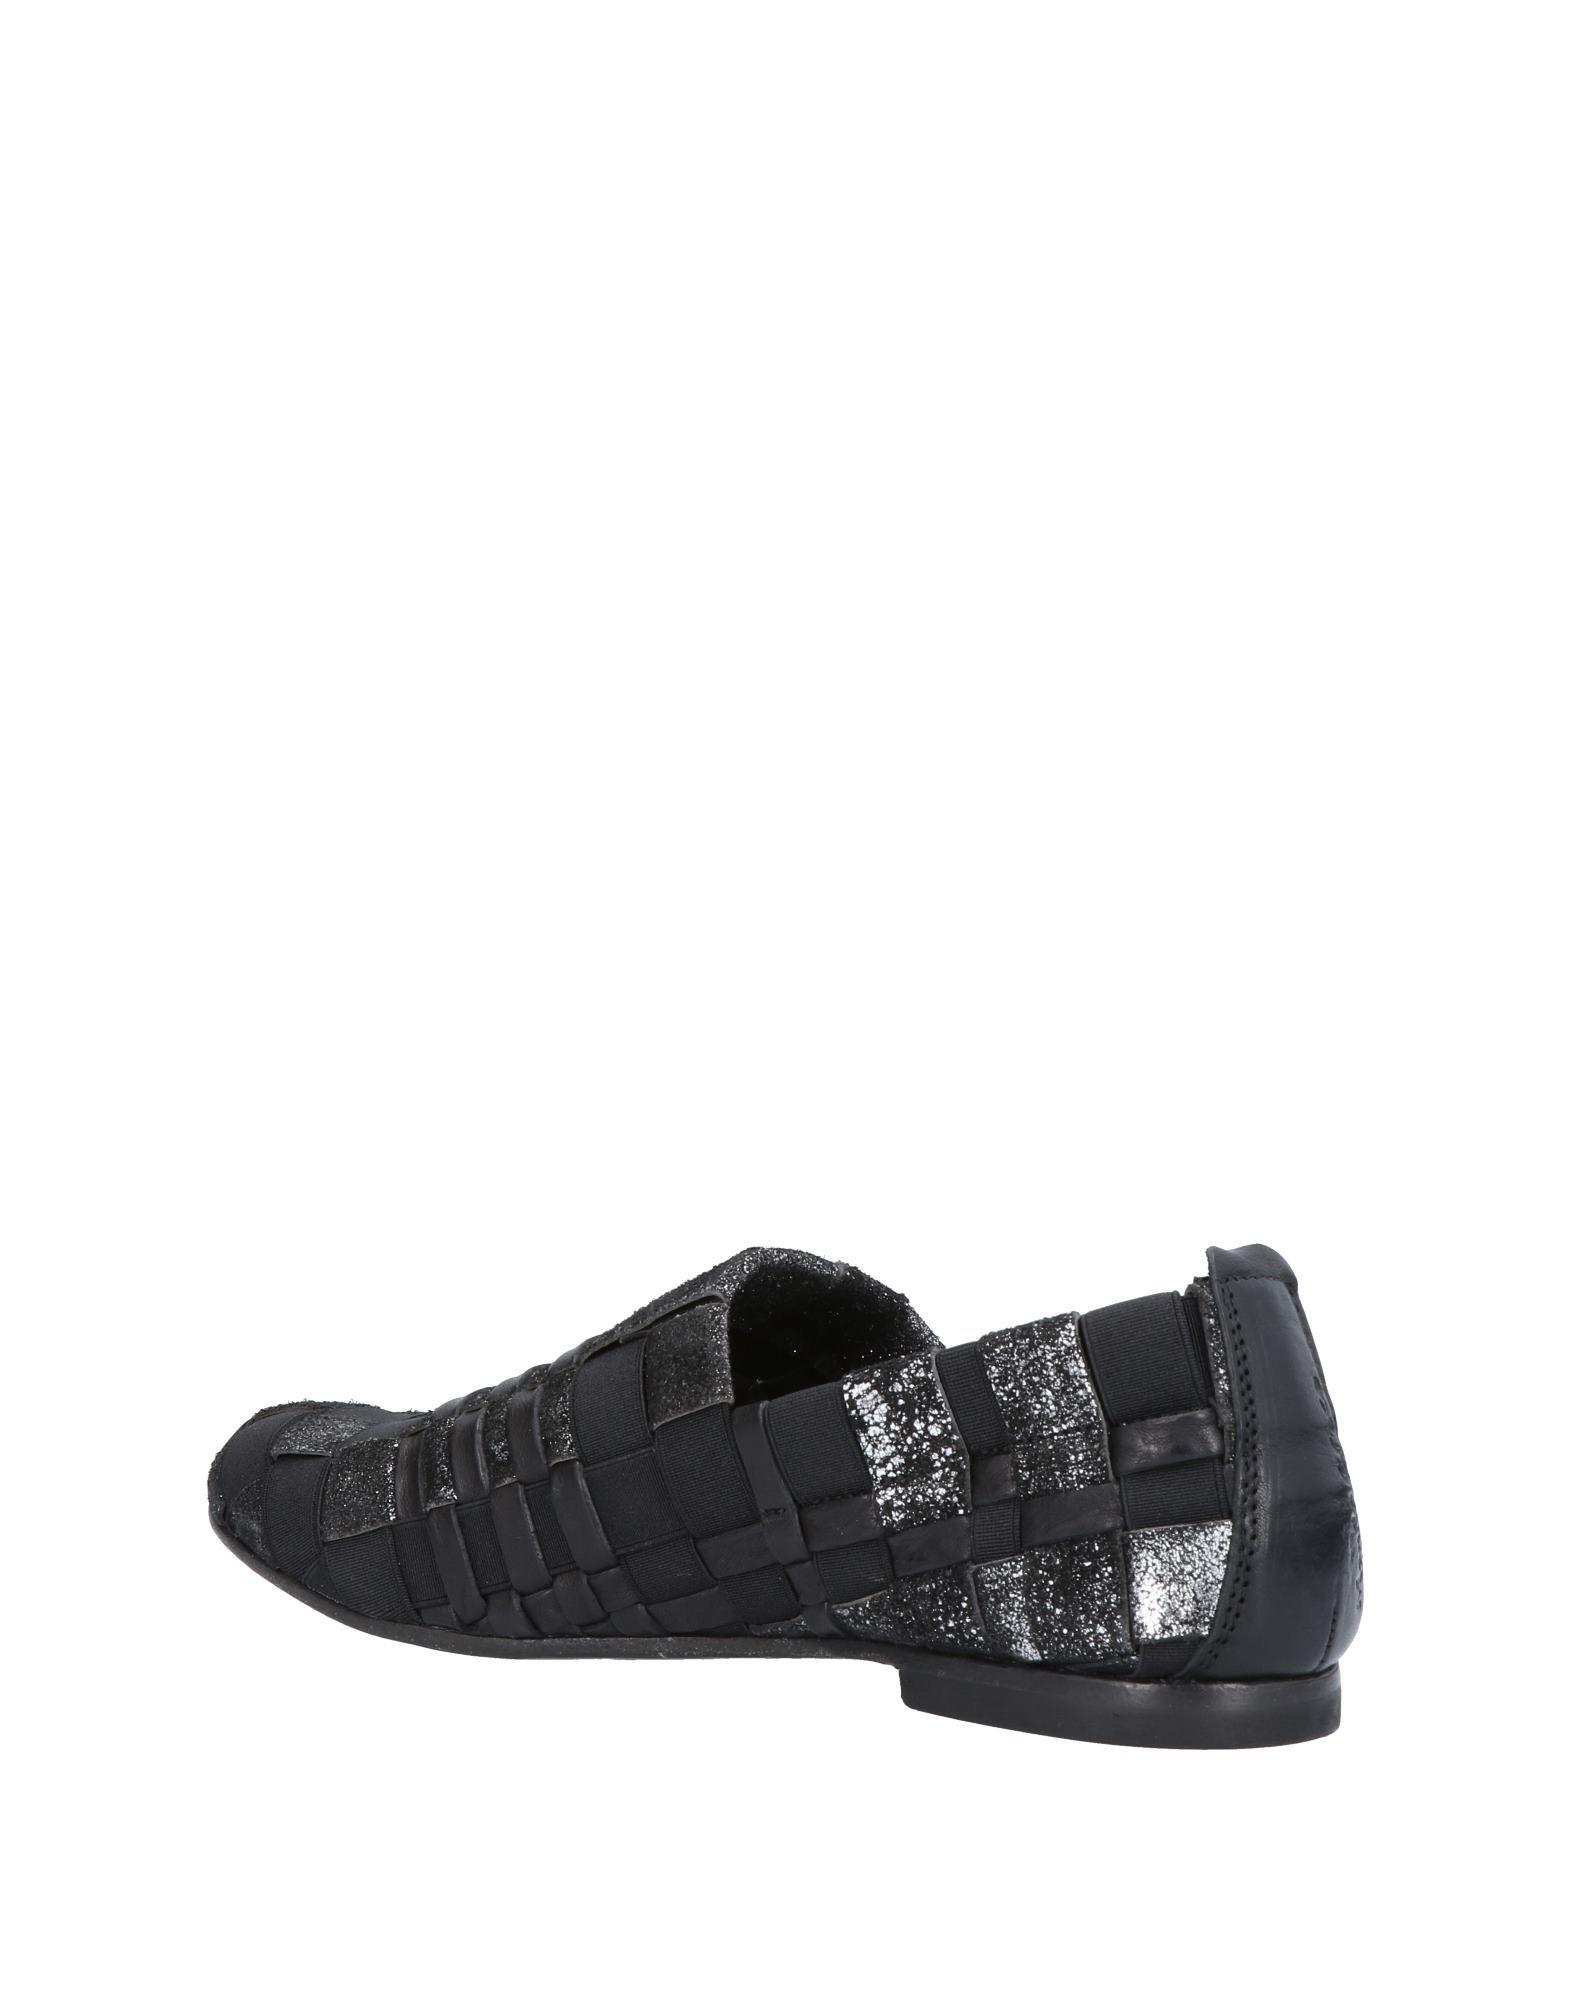 Manila Schuhe Grace Mokassins Damen  11491612FP Neue Schuhe Manila 148632